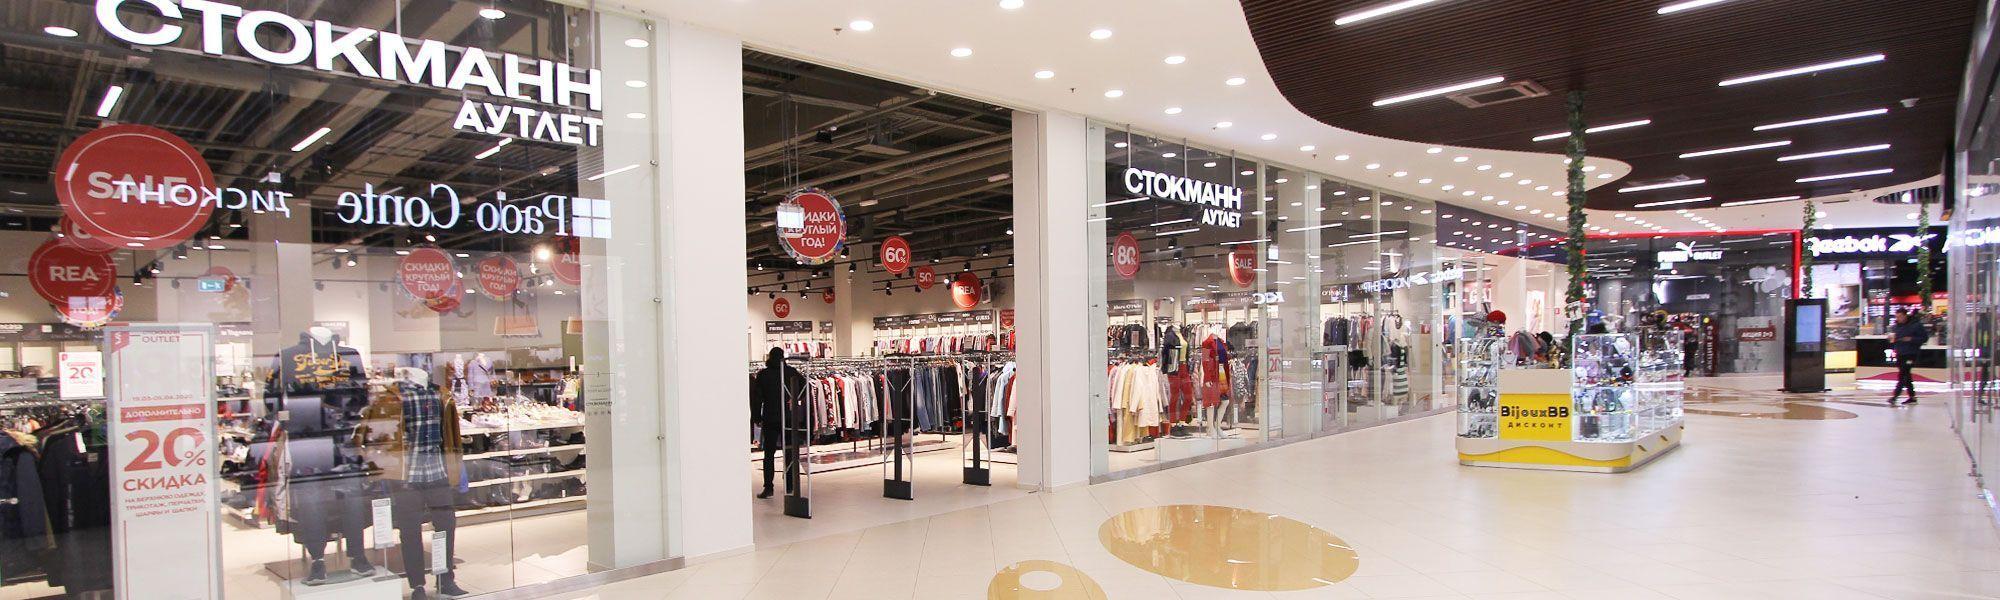 Outlet en Moscú, Viaje de compras: anímate a visitar estos outlet en Moscú